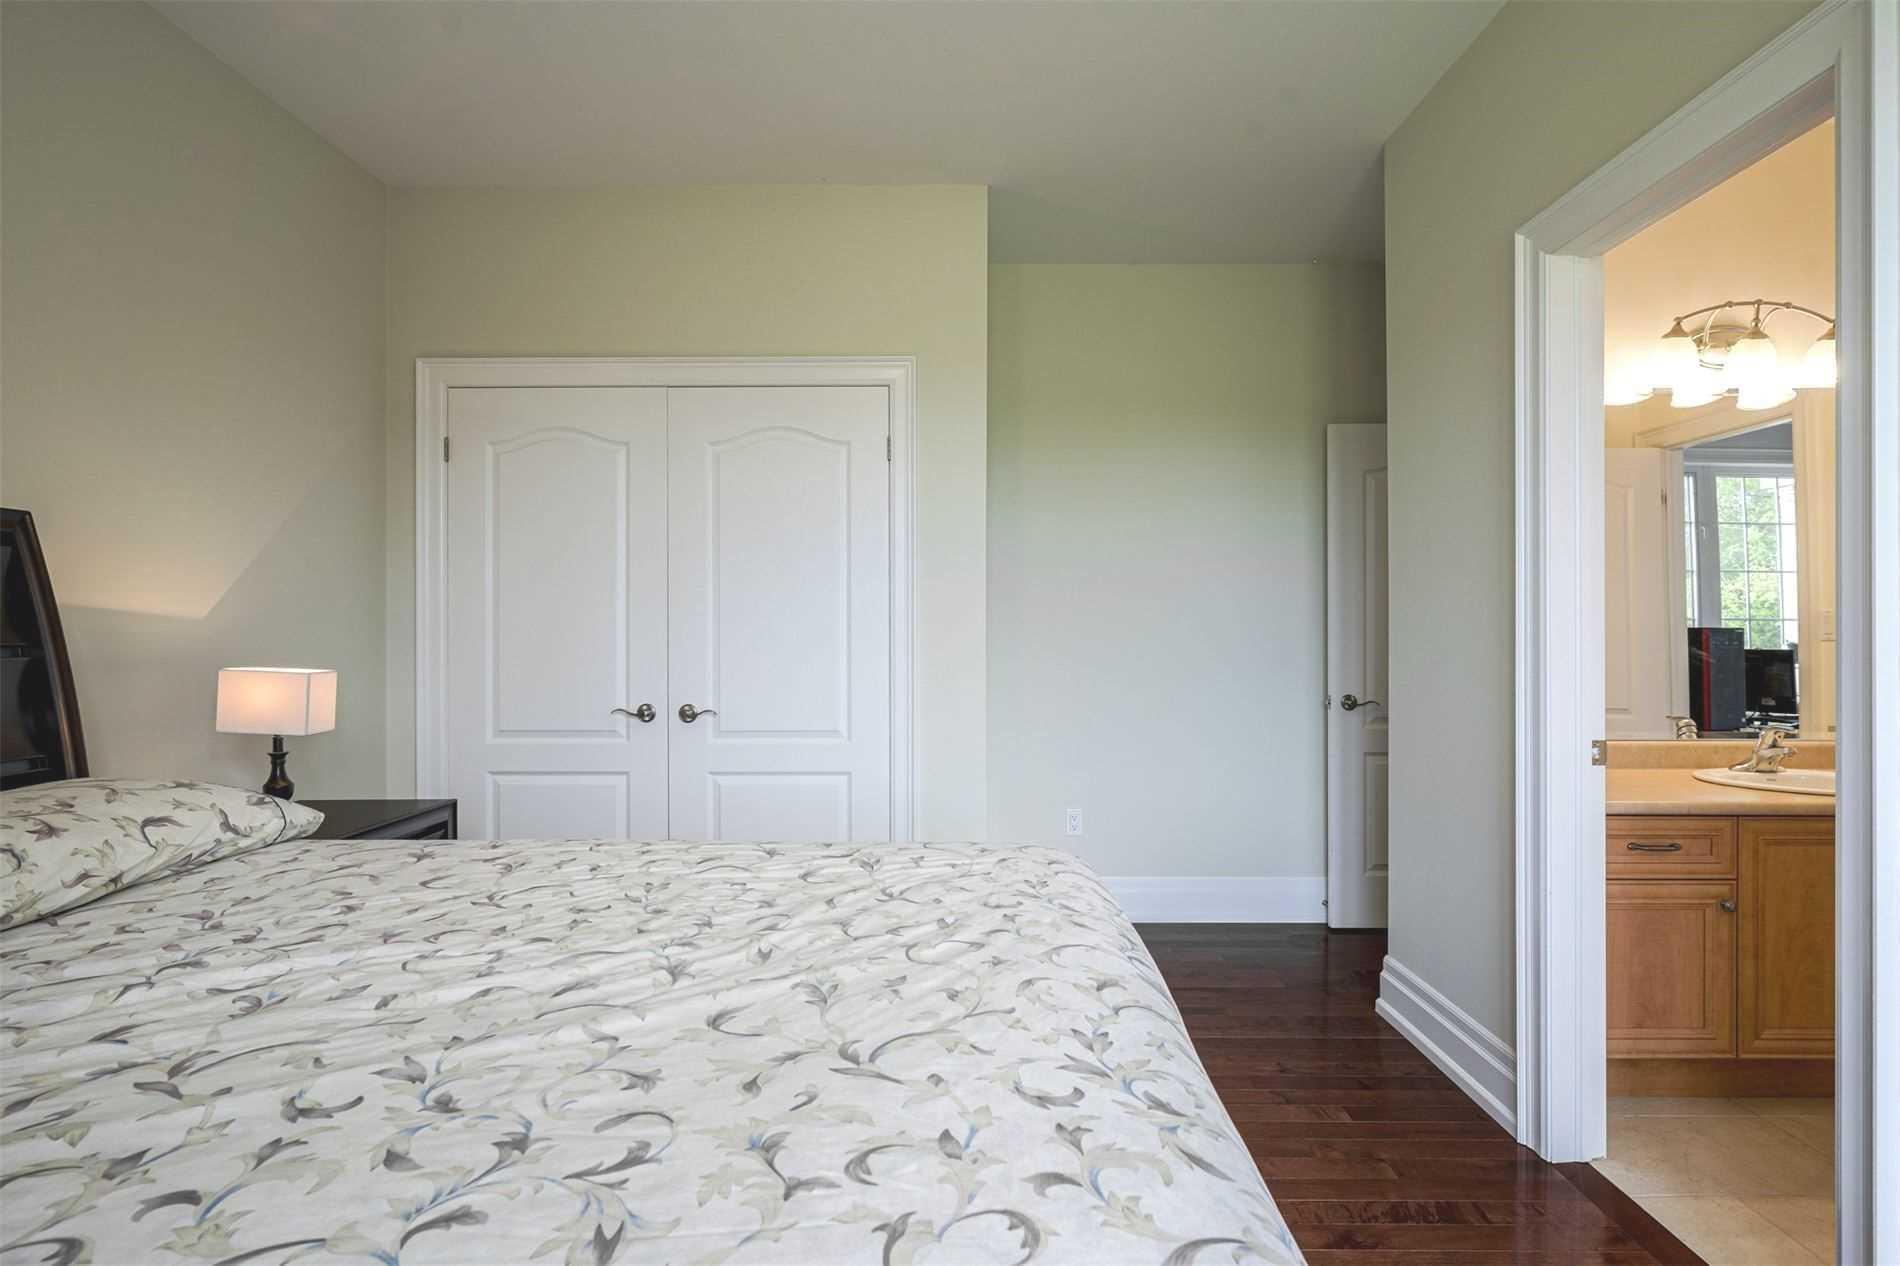 315 Highway 47 Rd - Rural Uxbridge Detached for sale, 3 Bedrooms (N5306115) - #20